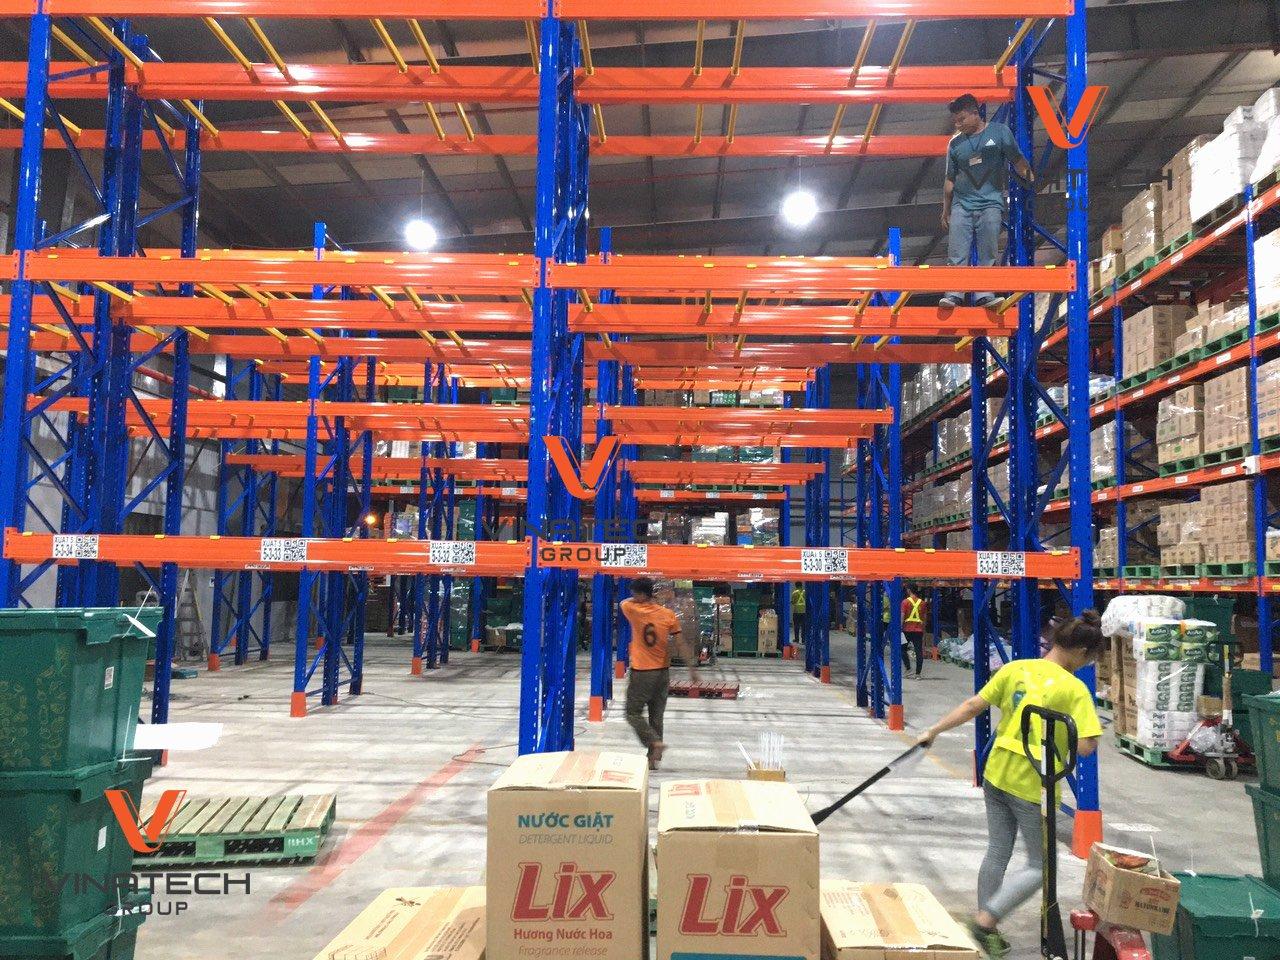 thi công xây dựng kho xưởng chứa hàng hóa